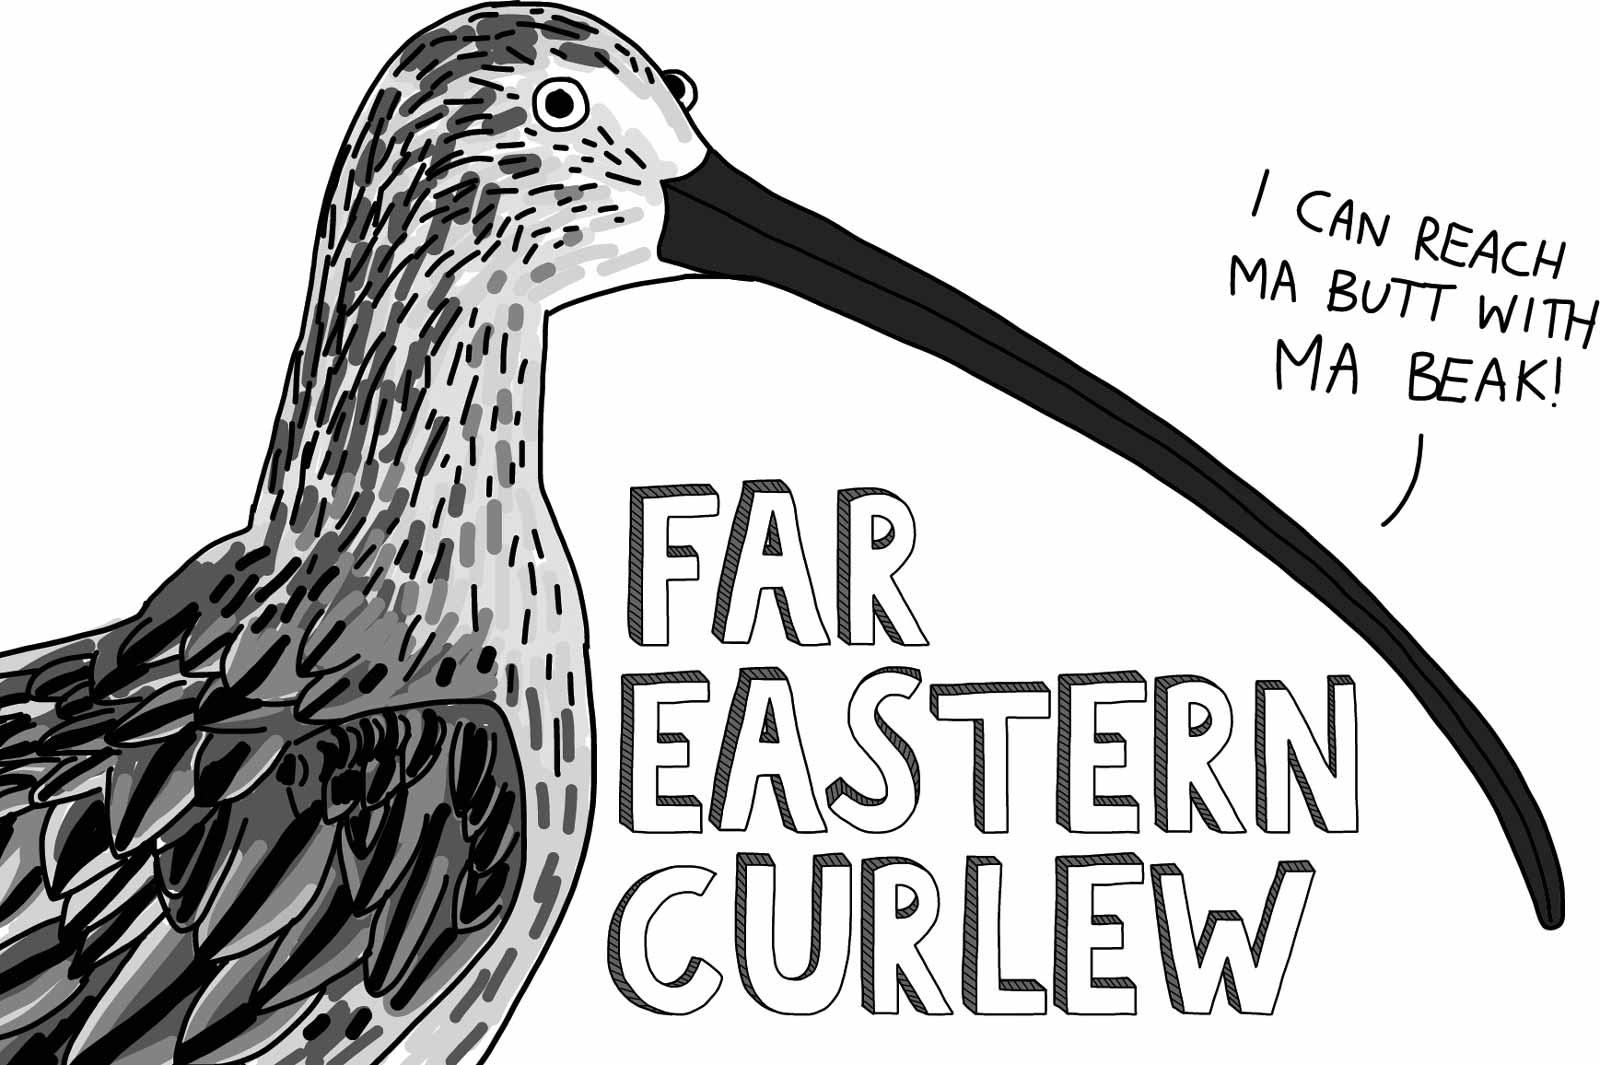 Cartoon of a far eastern curlew